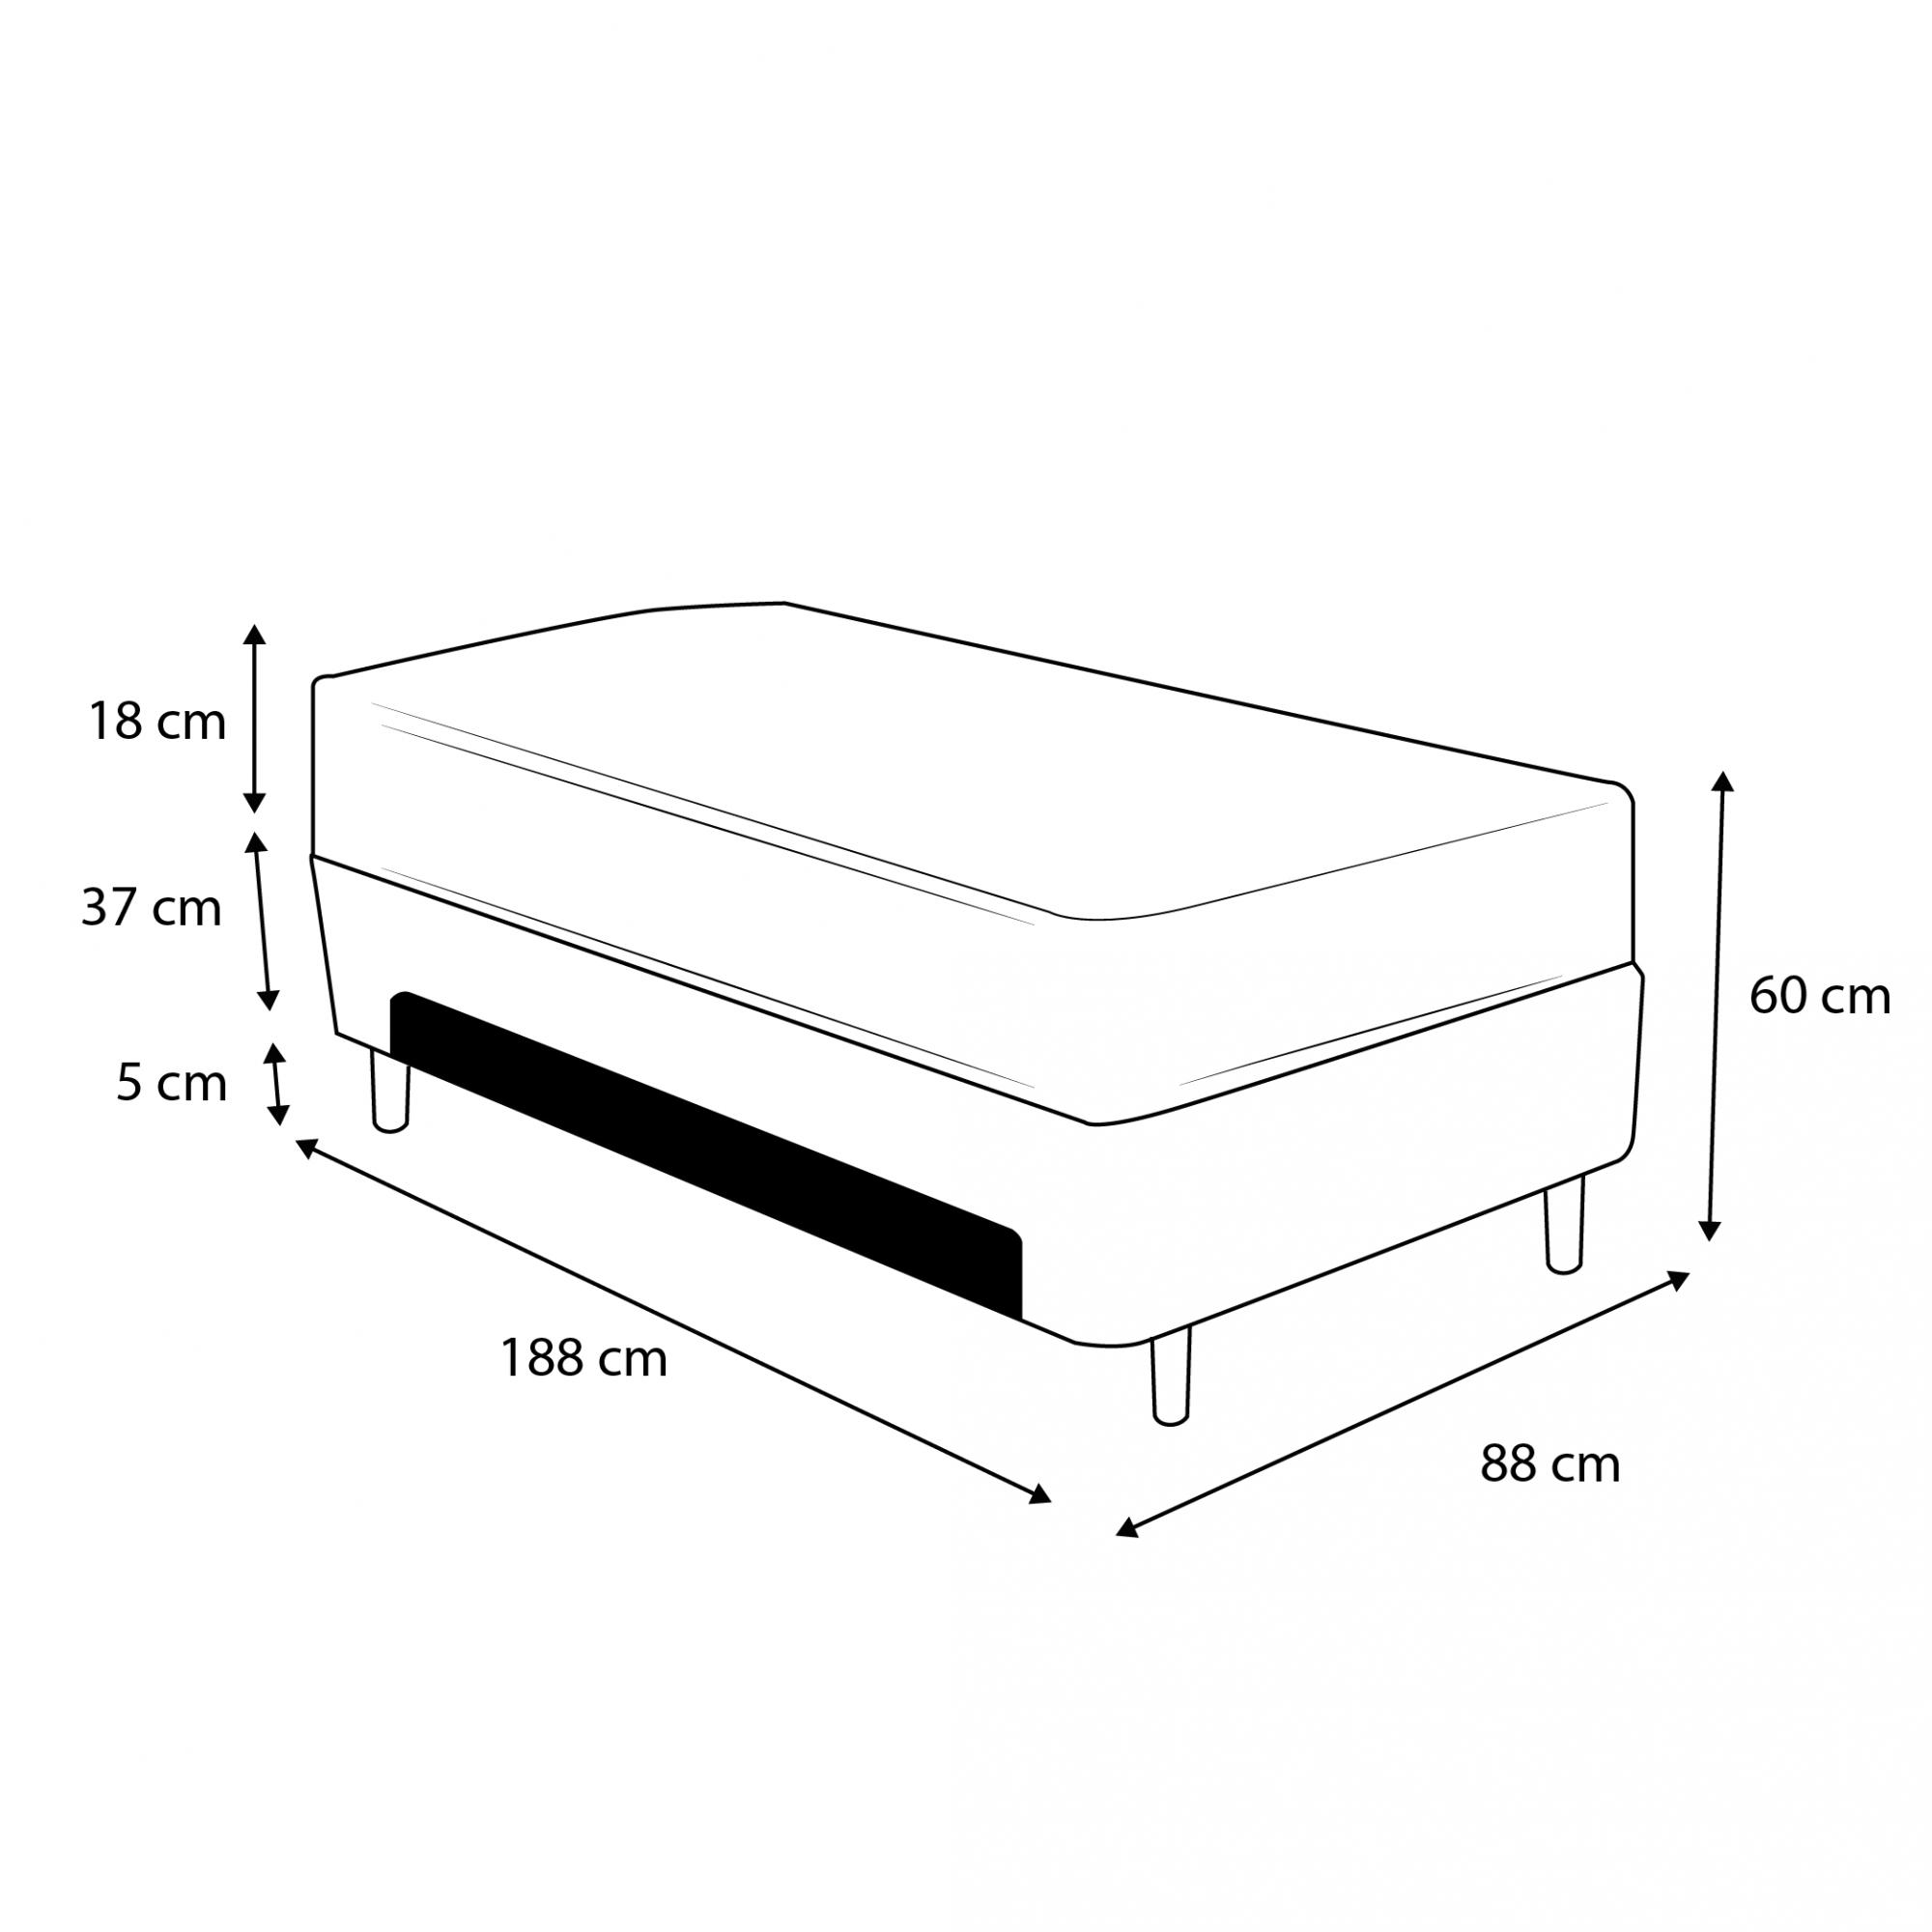 Cama Box Baú Auxiliar Solteiro Marrom + Colchão Molas Superlastic Solteiro - Comfort Prime - Coil Crystal 88x188x60cm